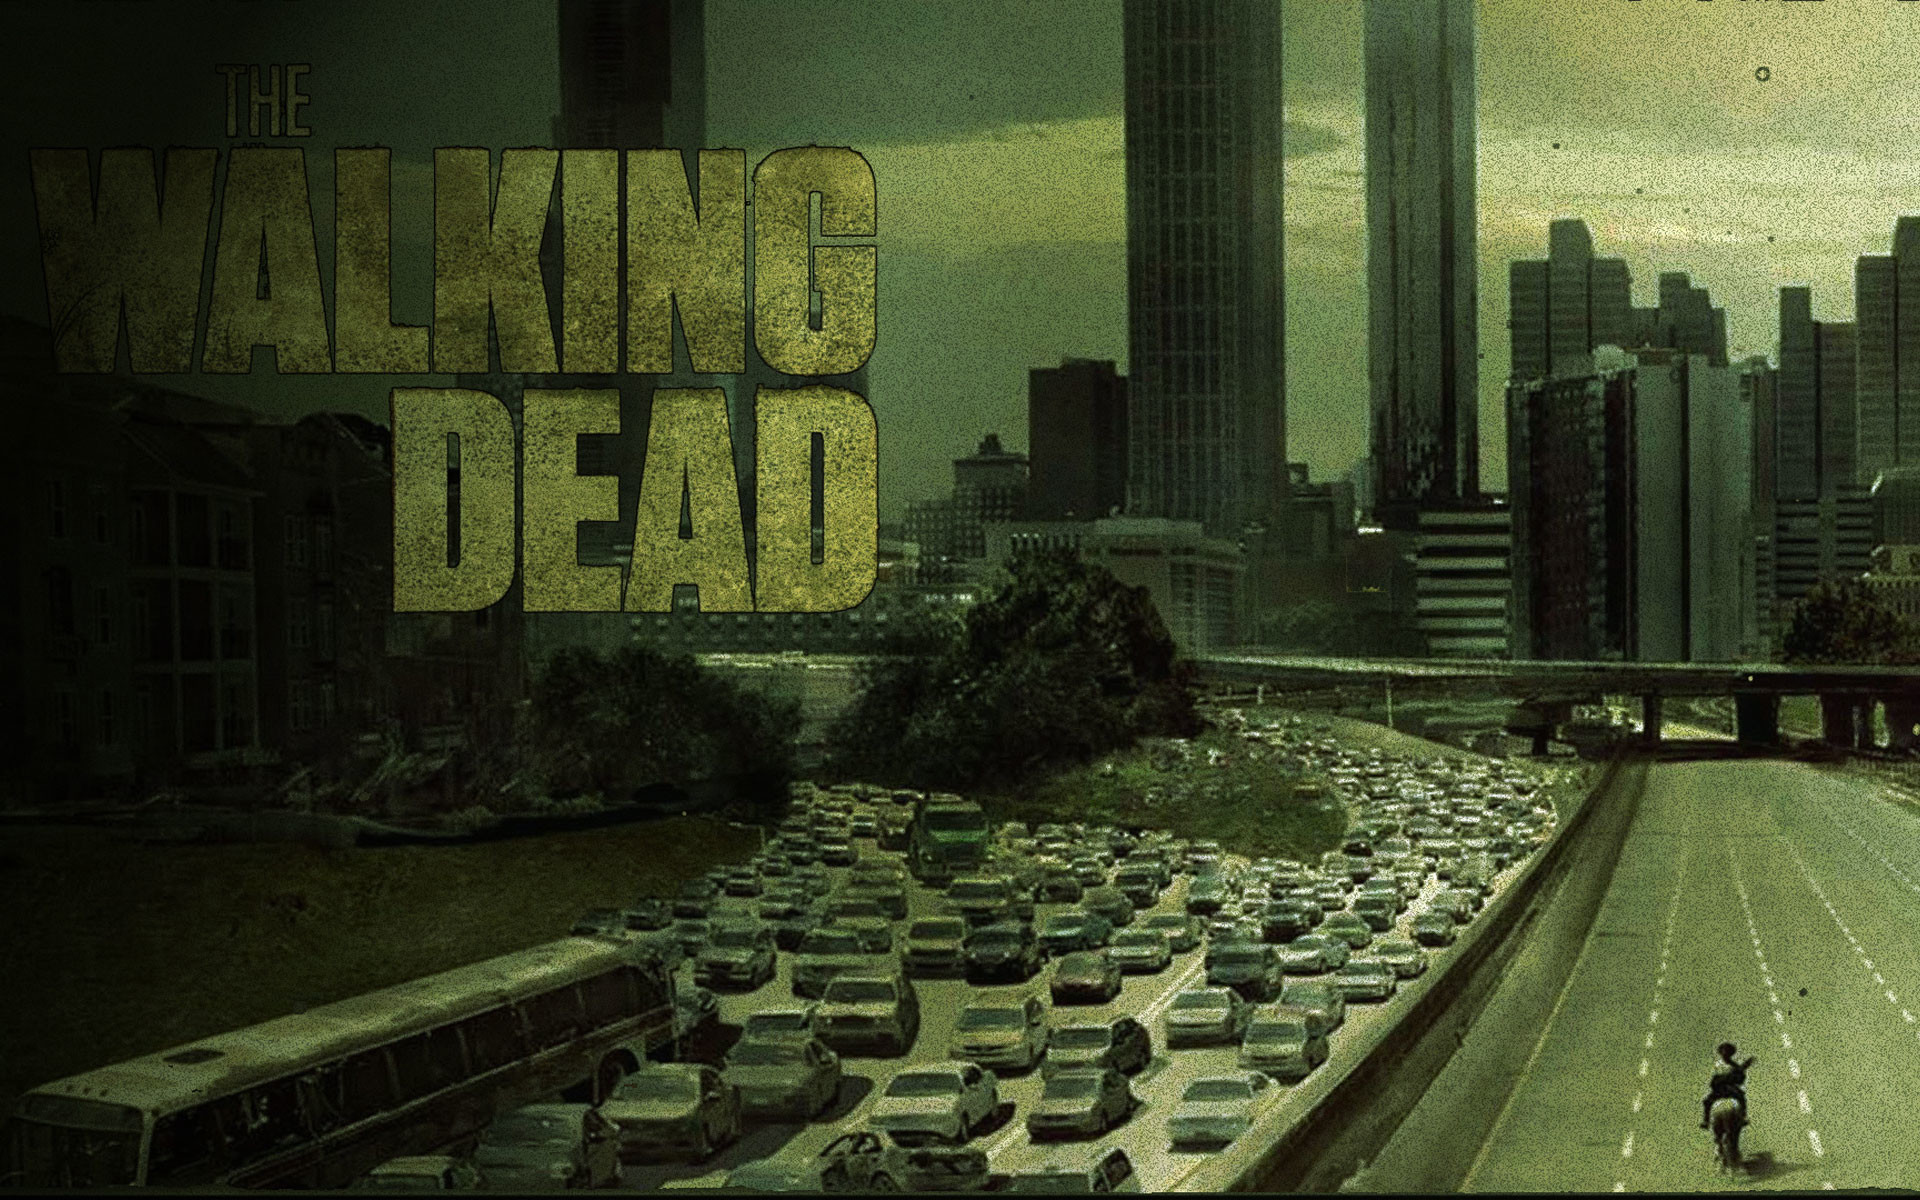 Walking Dead 1366×768 Images, 21/11/2014 596.1 Kb